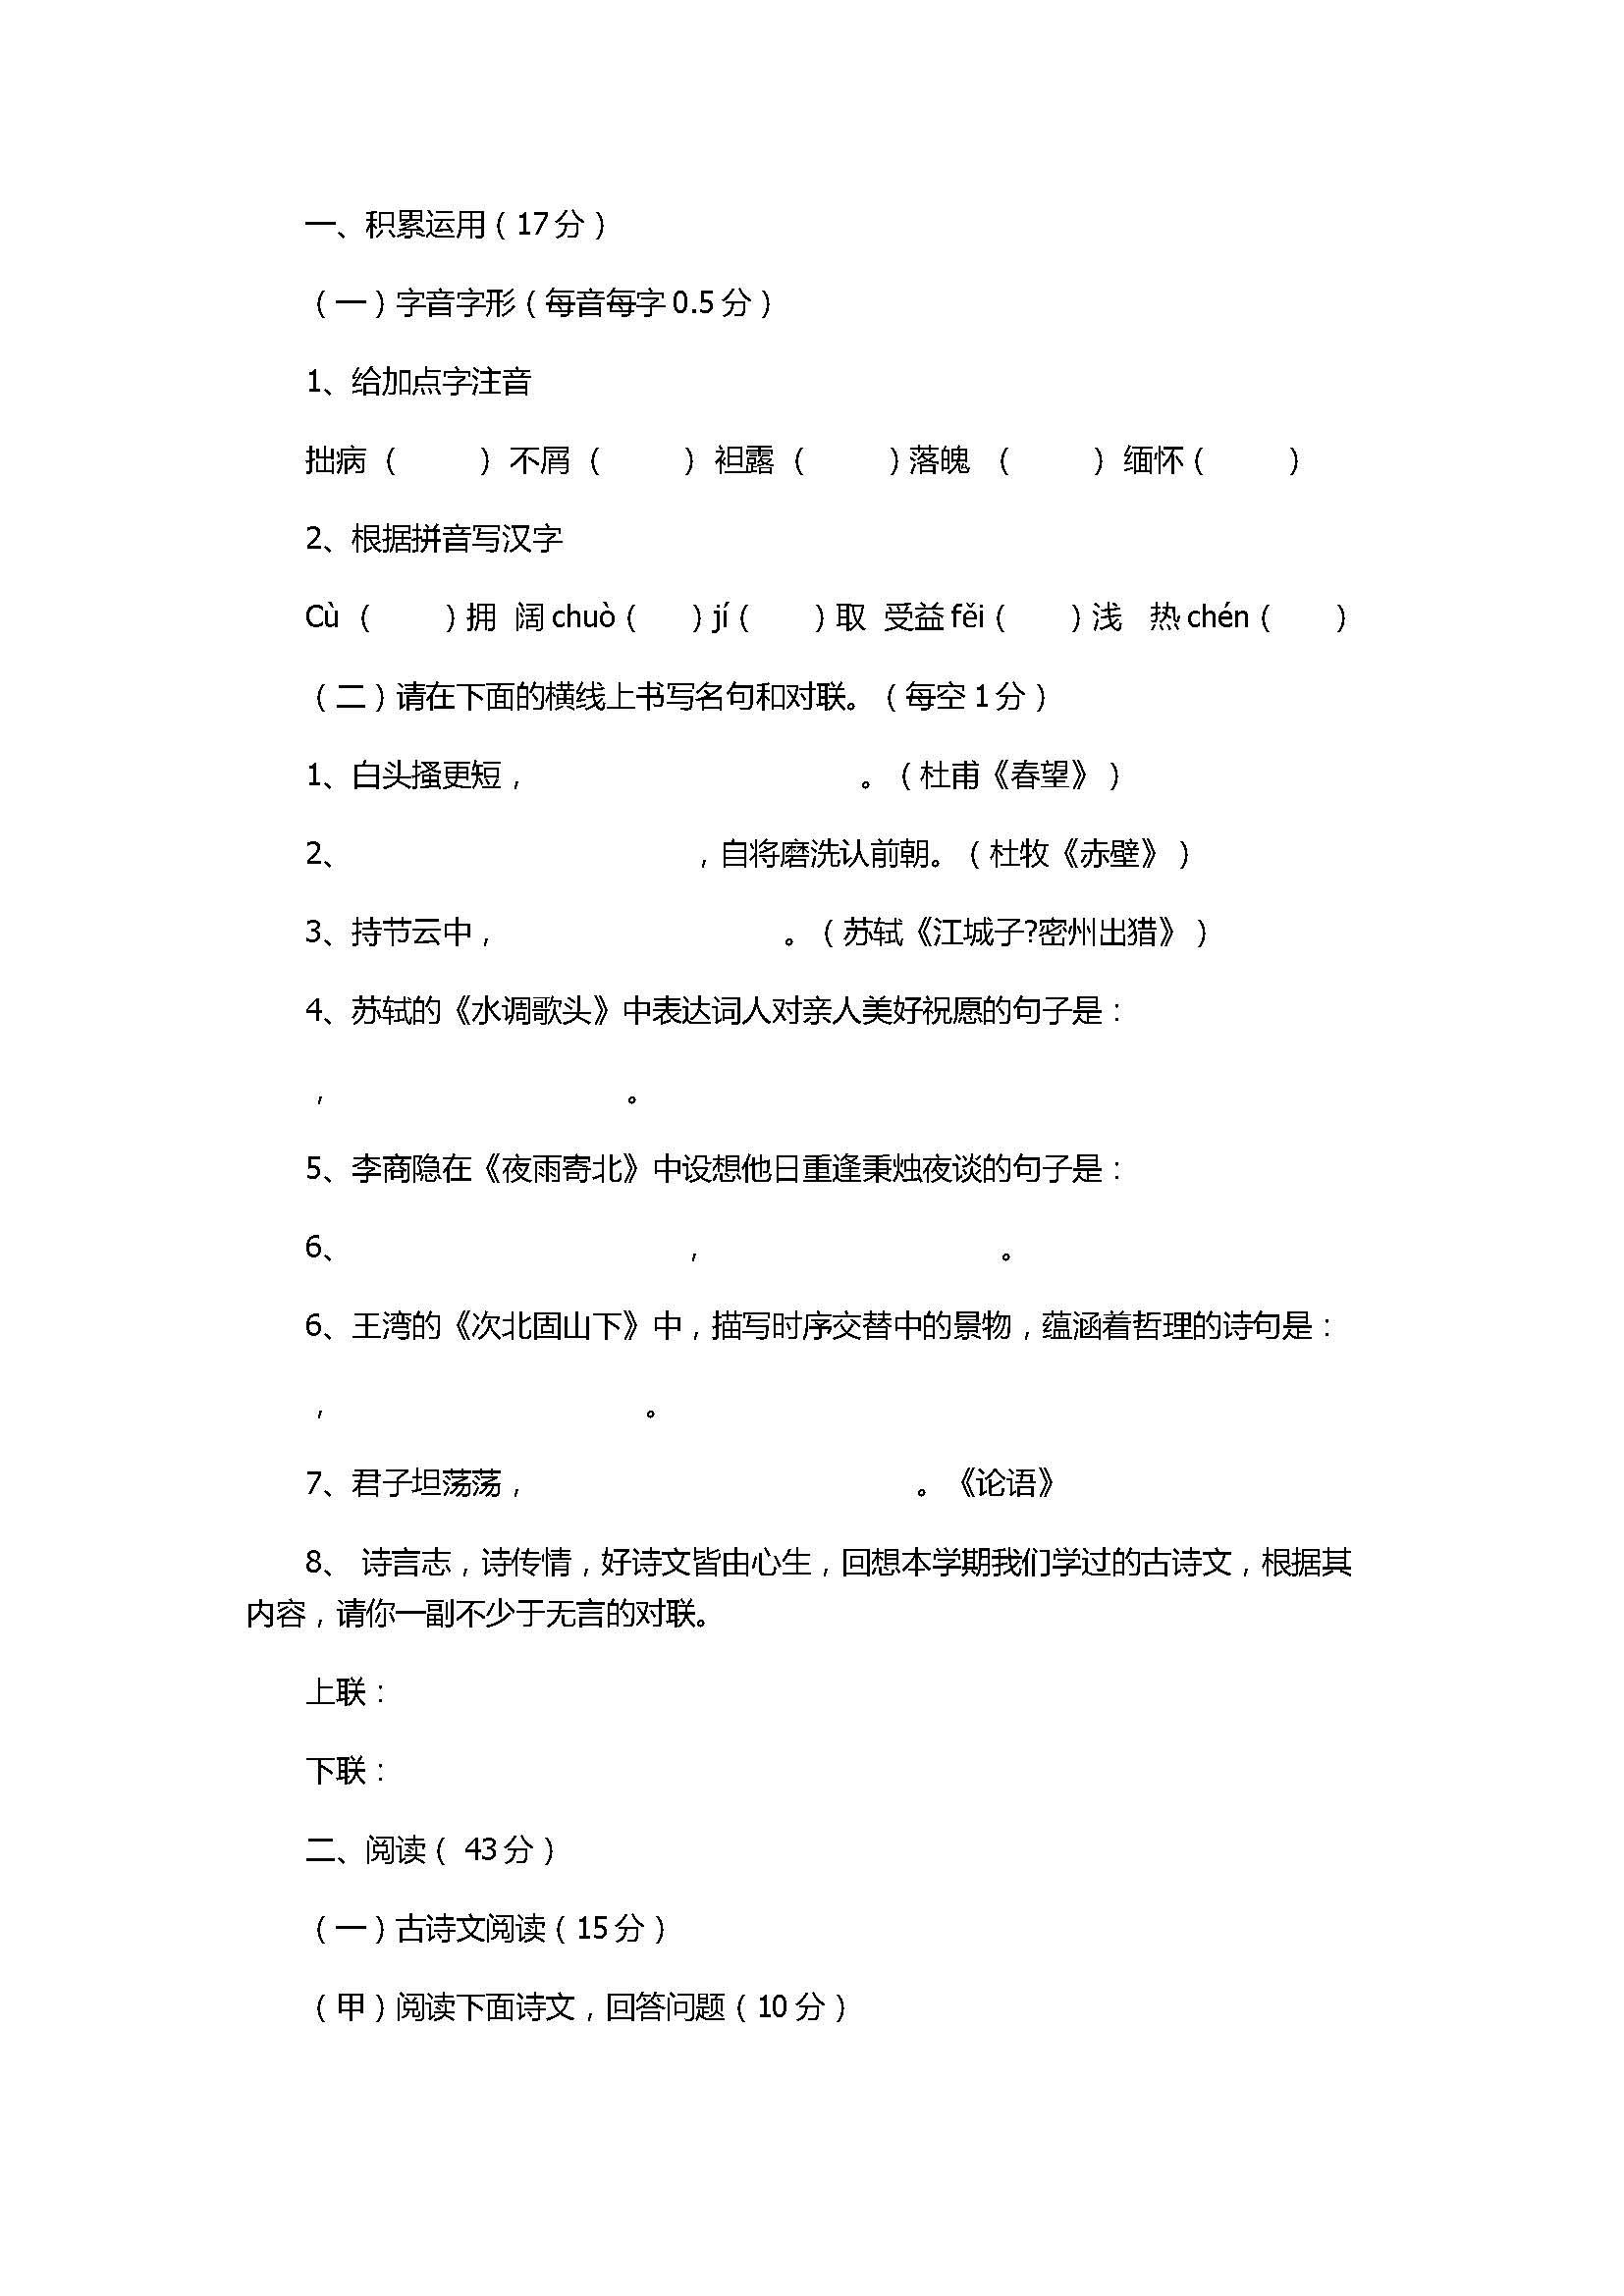 2017初二年级语文上册月考测试题(大安五中)